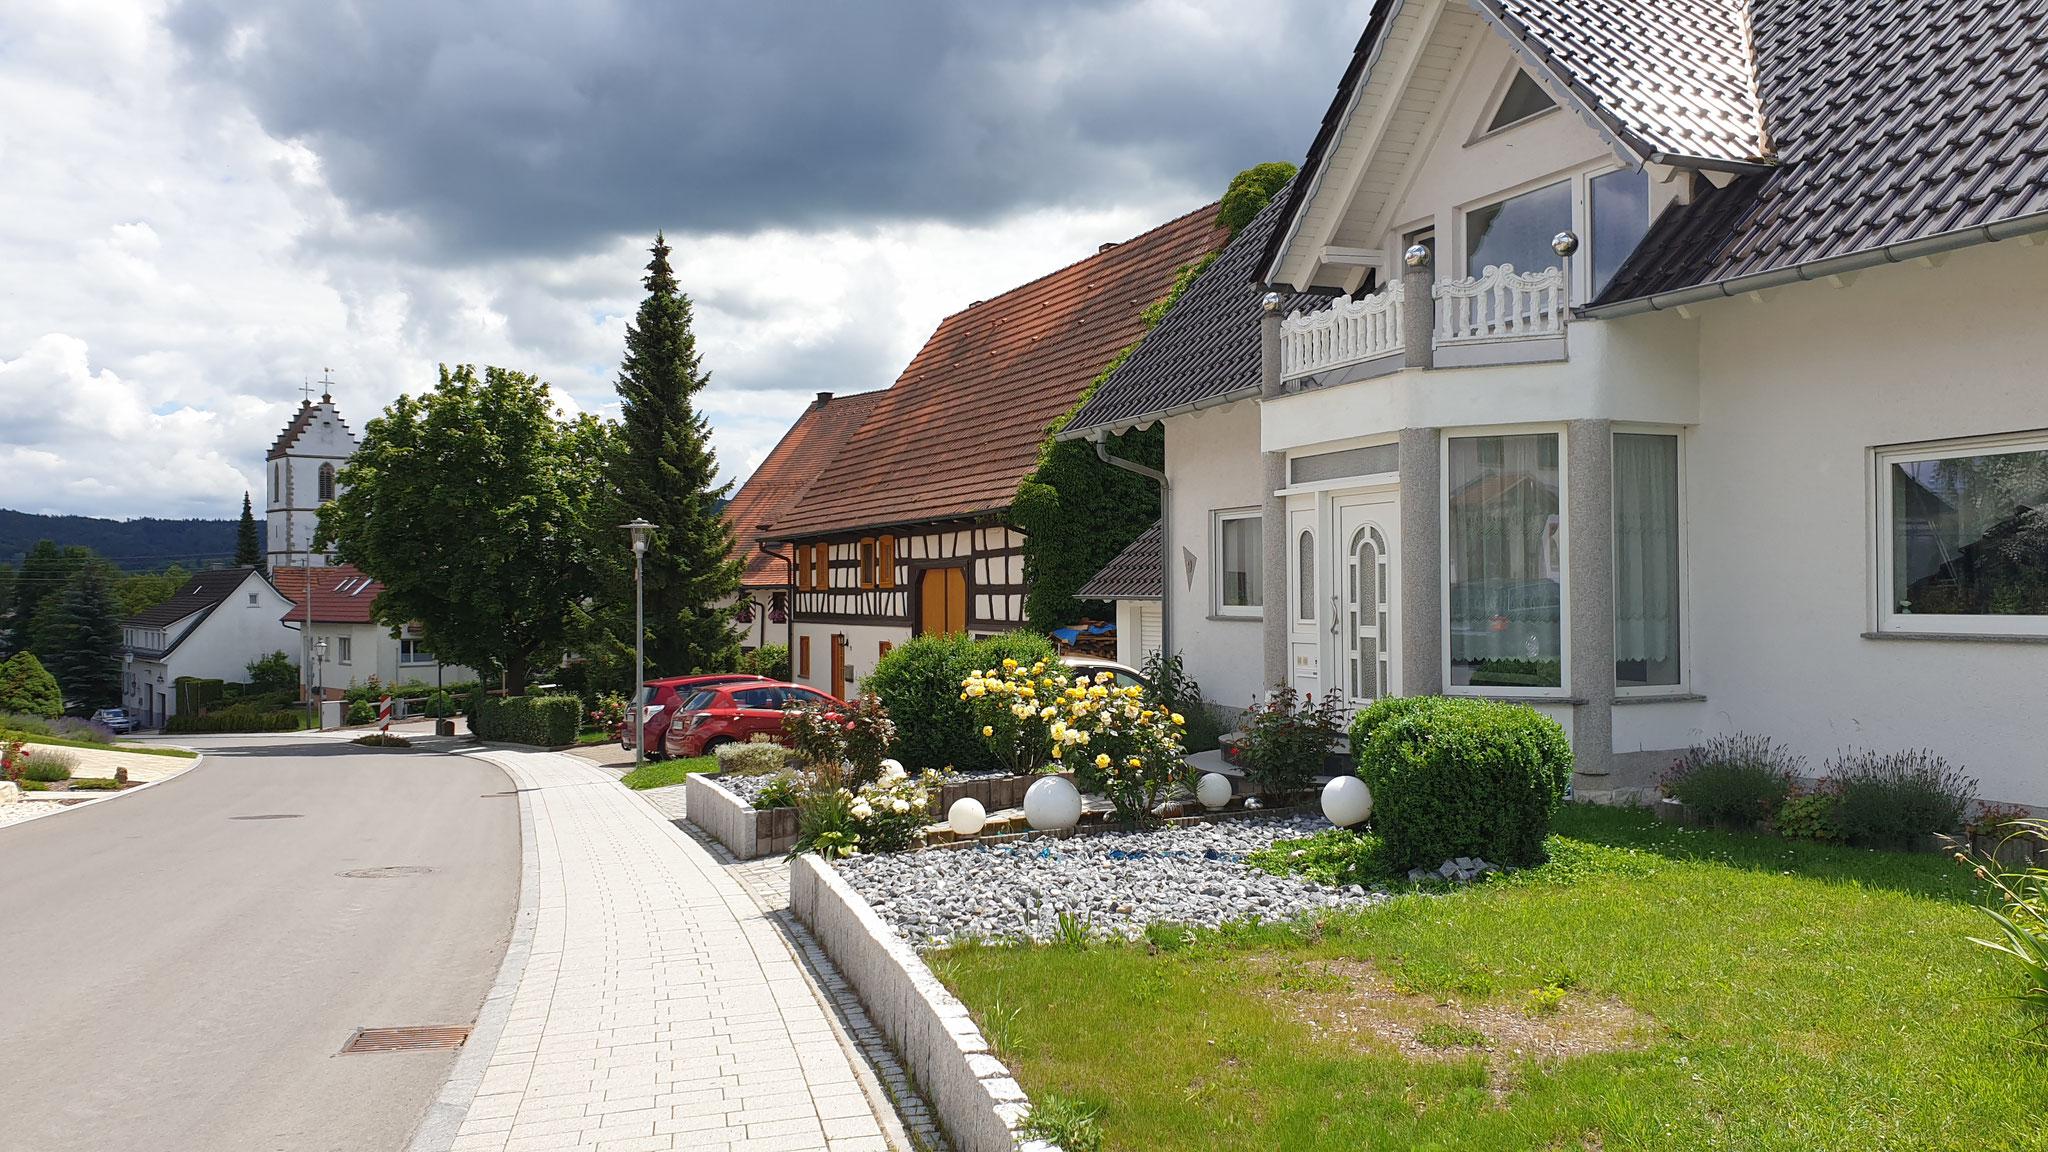 Zurück durch das schöne Dorf Dietingen...